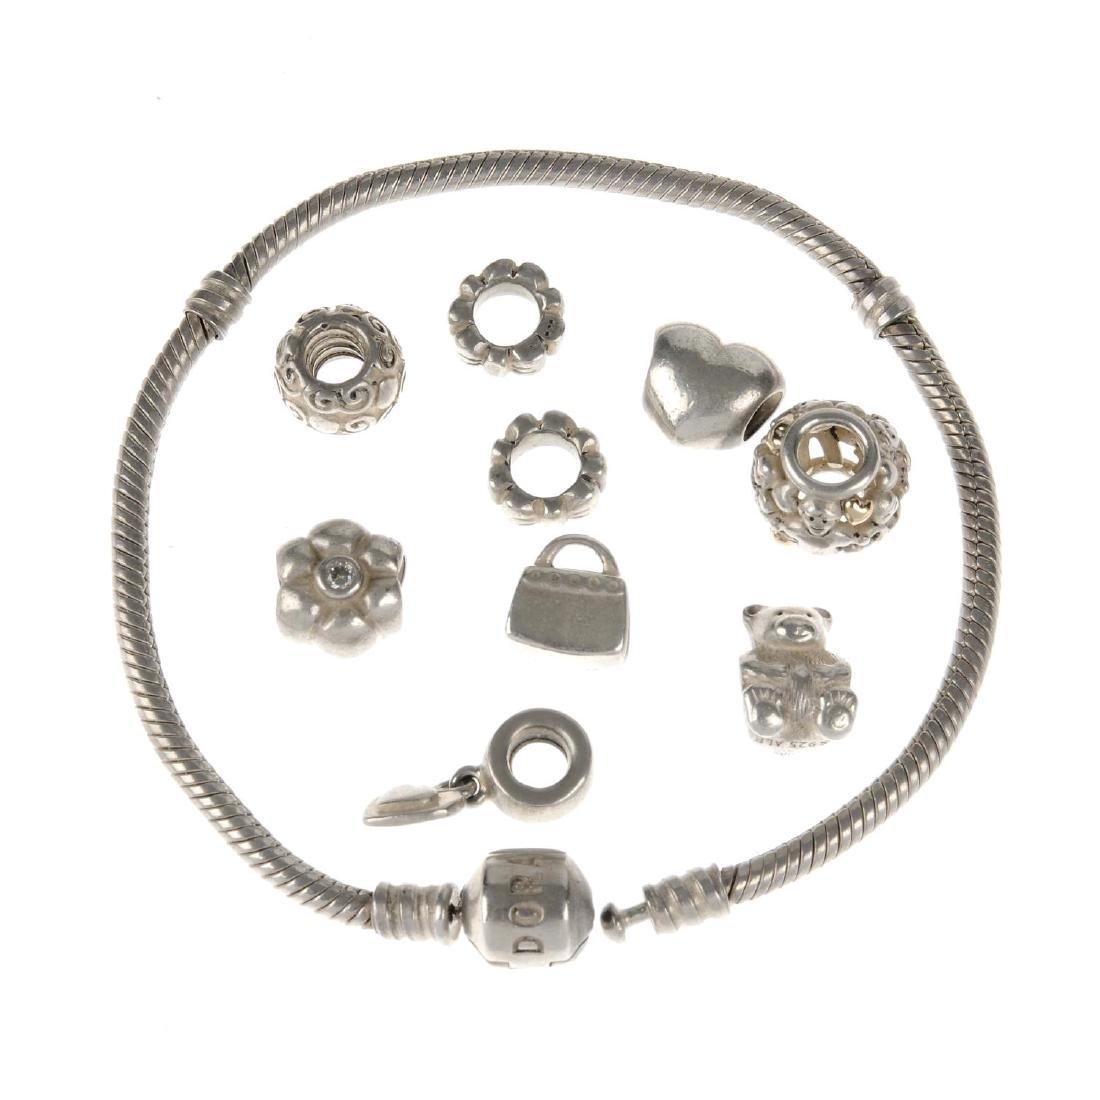 PANDORA - two charm bracelets, nine Pandora charms and